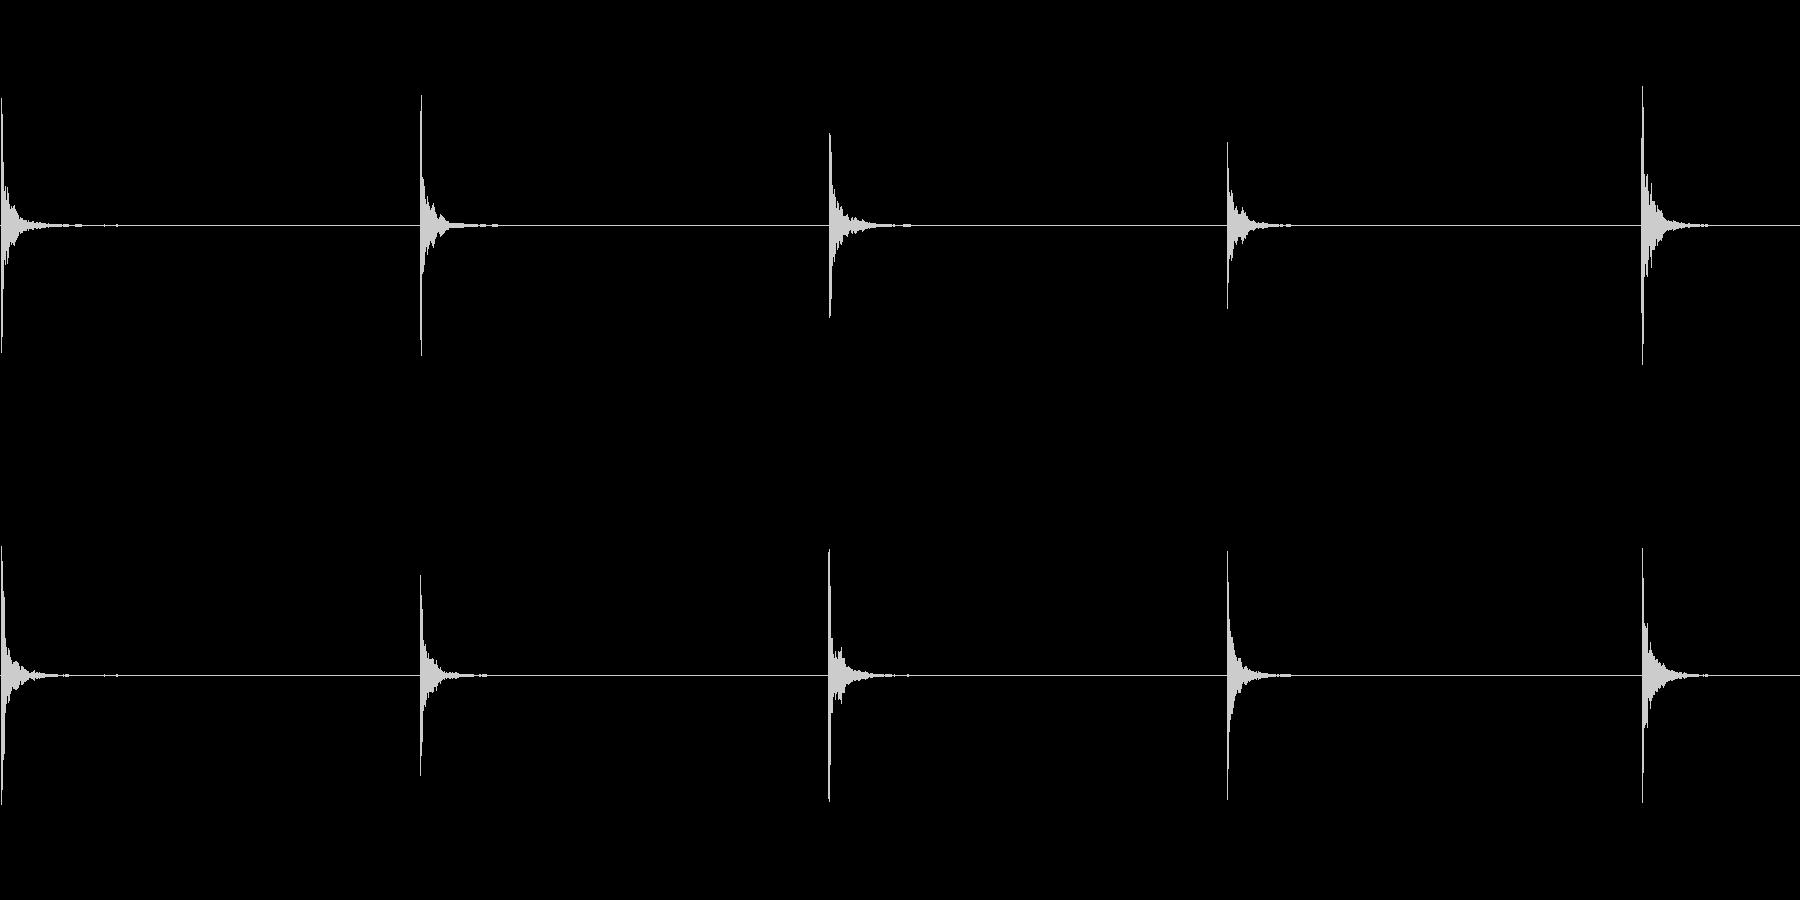 テンプルブロック:シングルヒット、...の未再生の波形